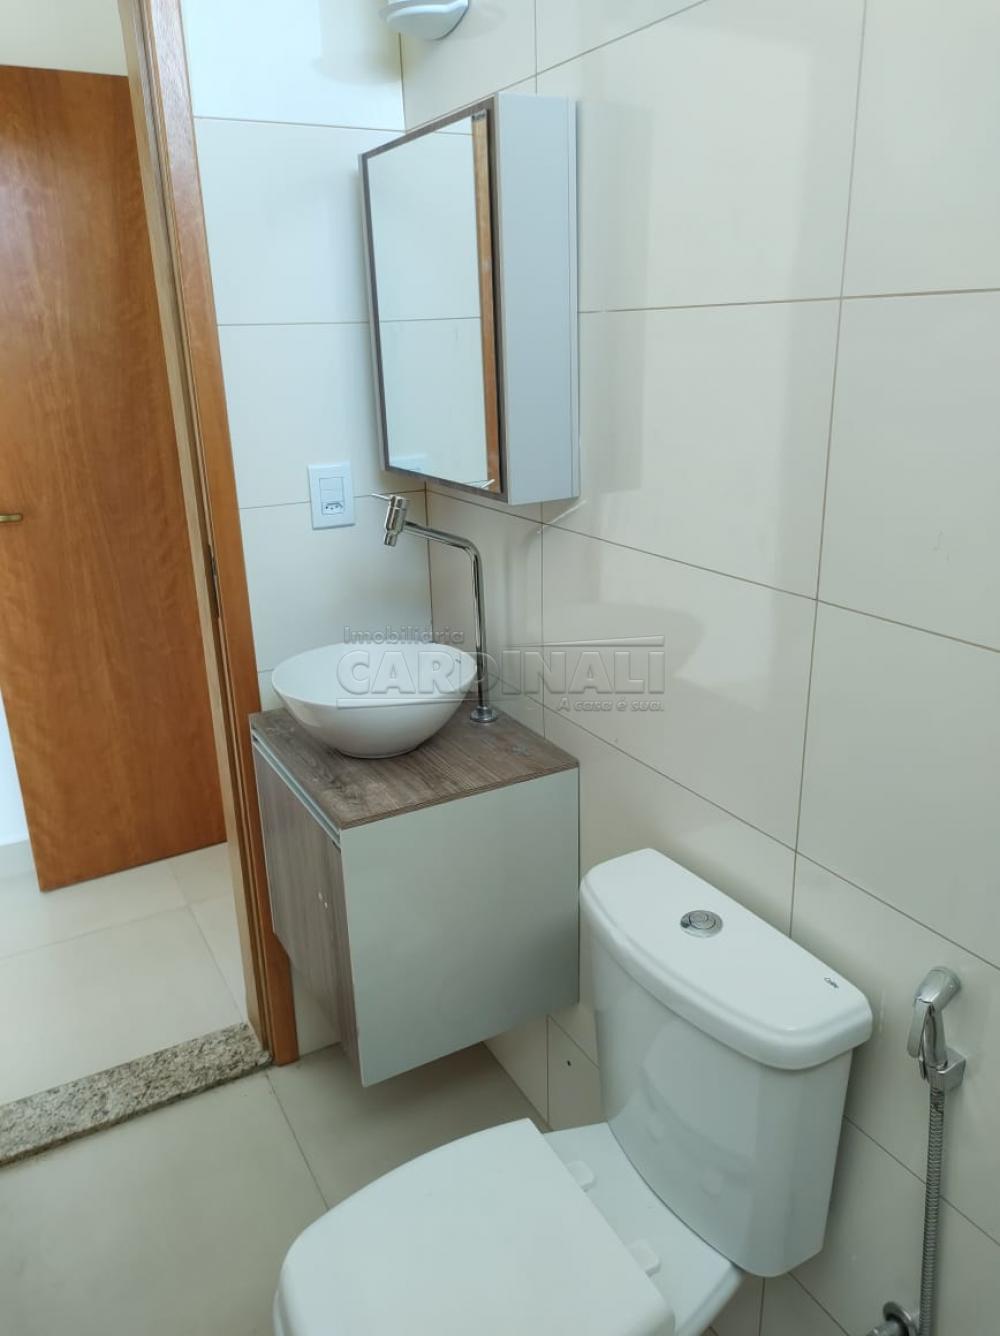 Comprar Casa / Condomínio em Araraquara R$ 480.000,00 - Foto 18